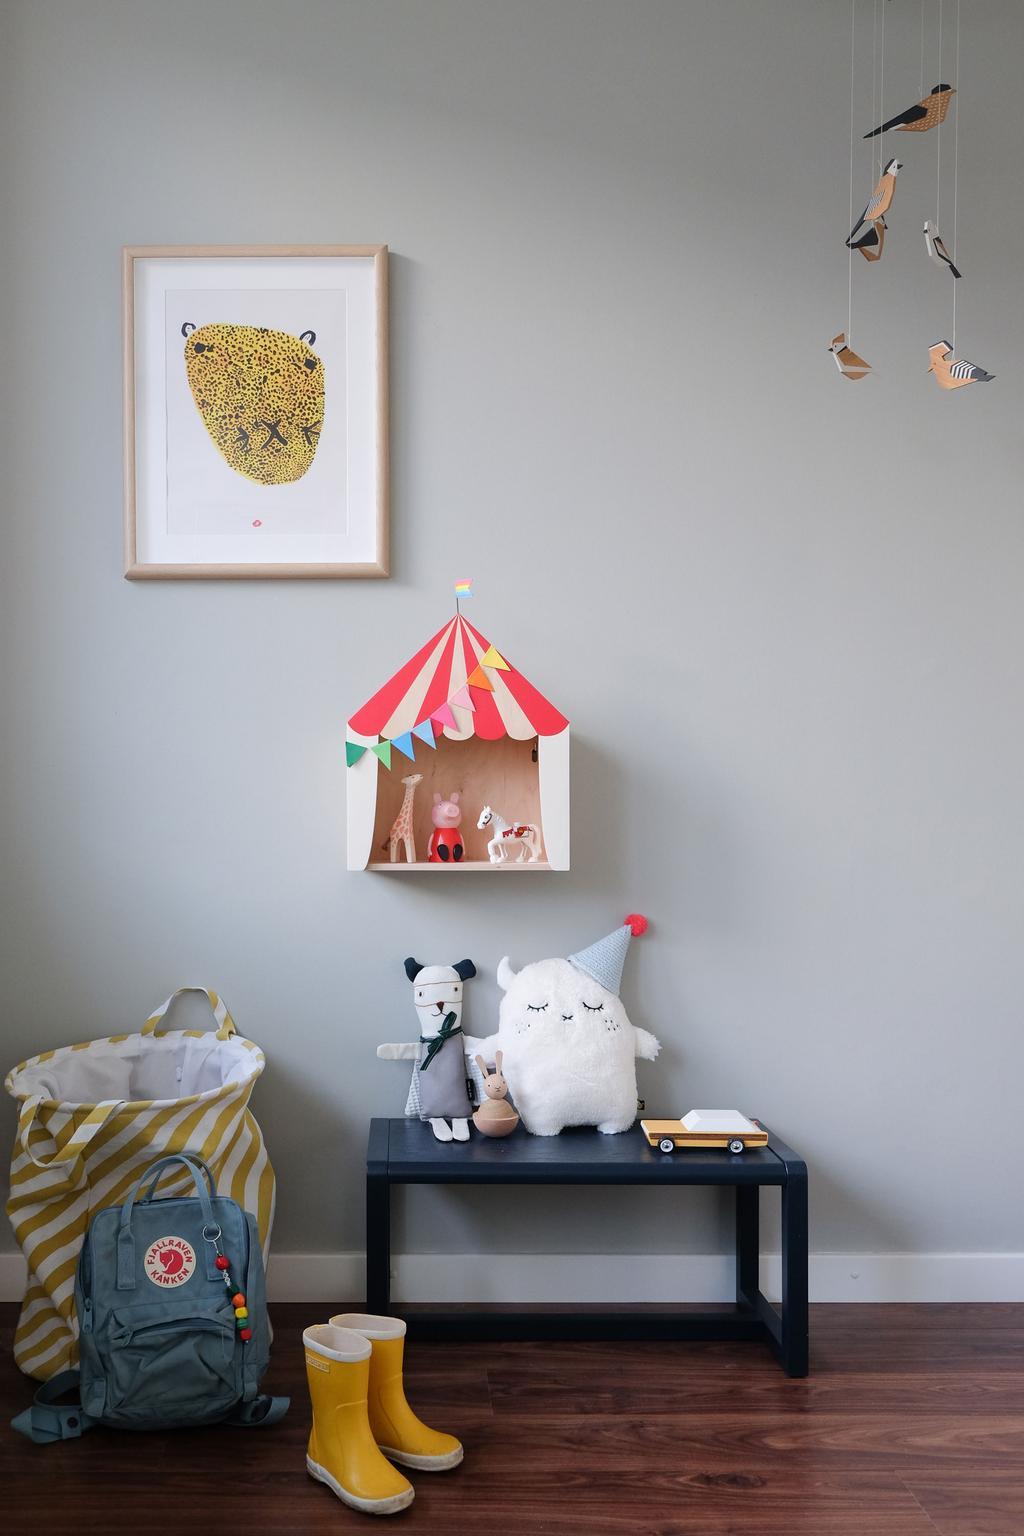 Kinderkamer Design, tijgerposter